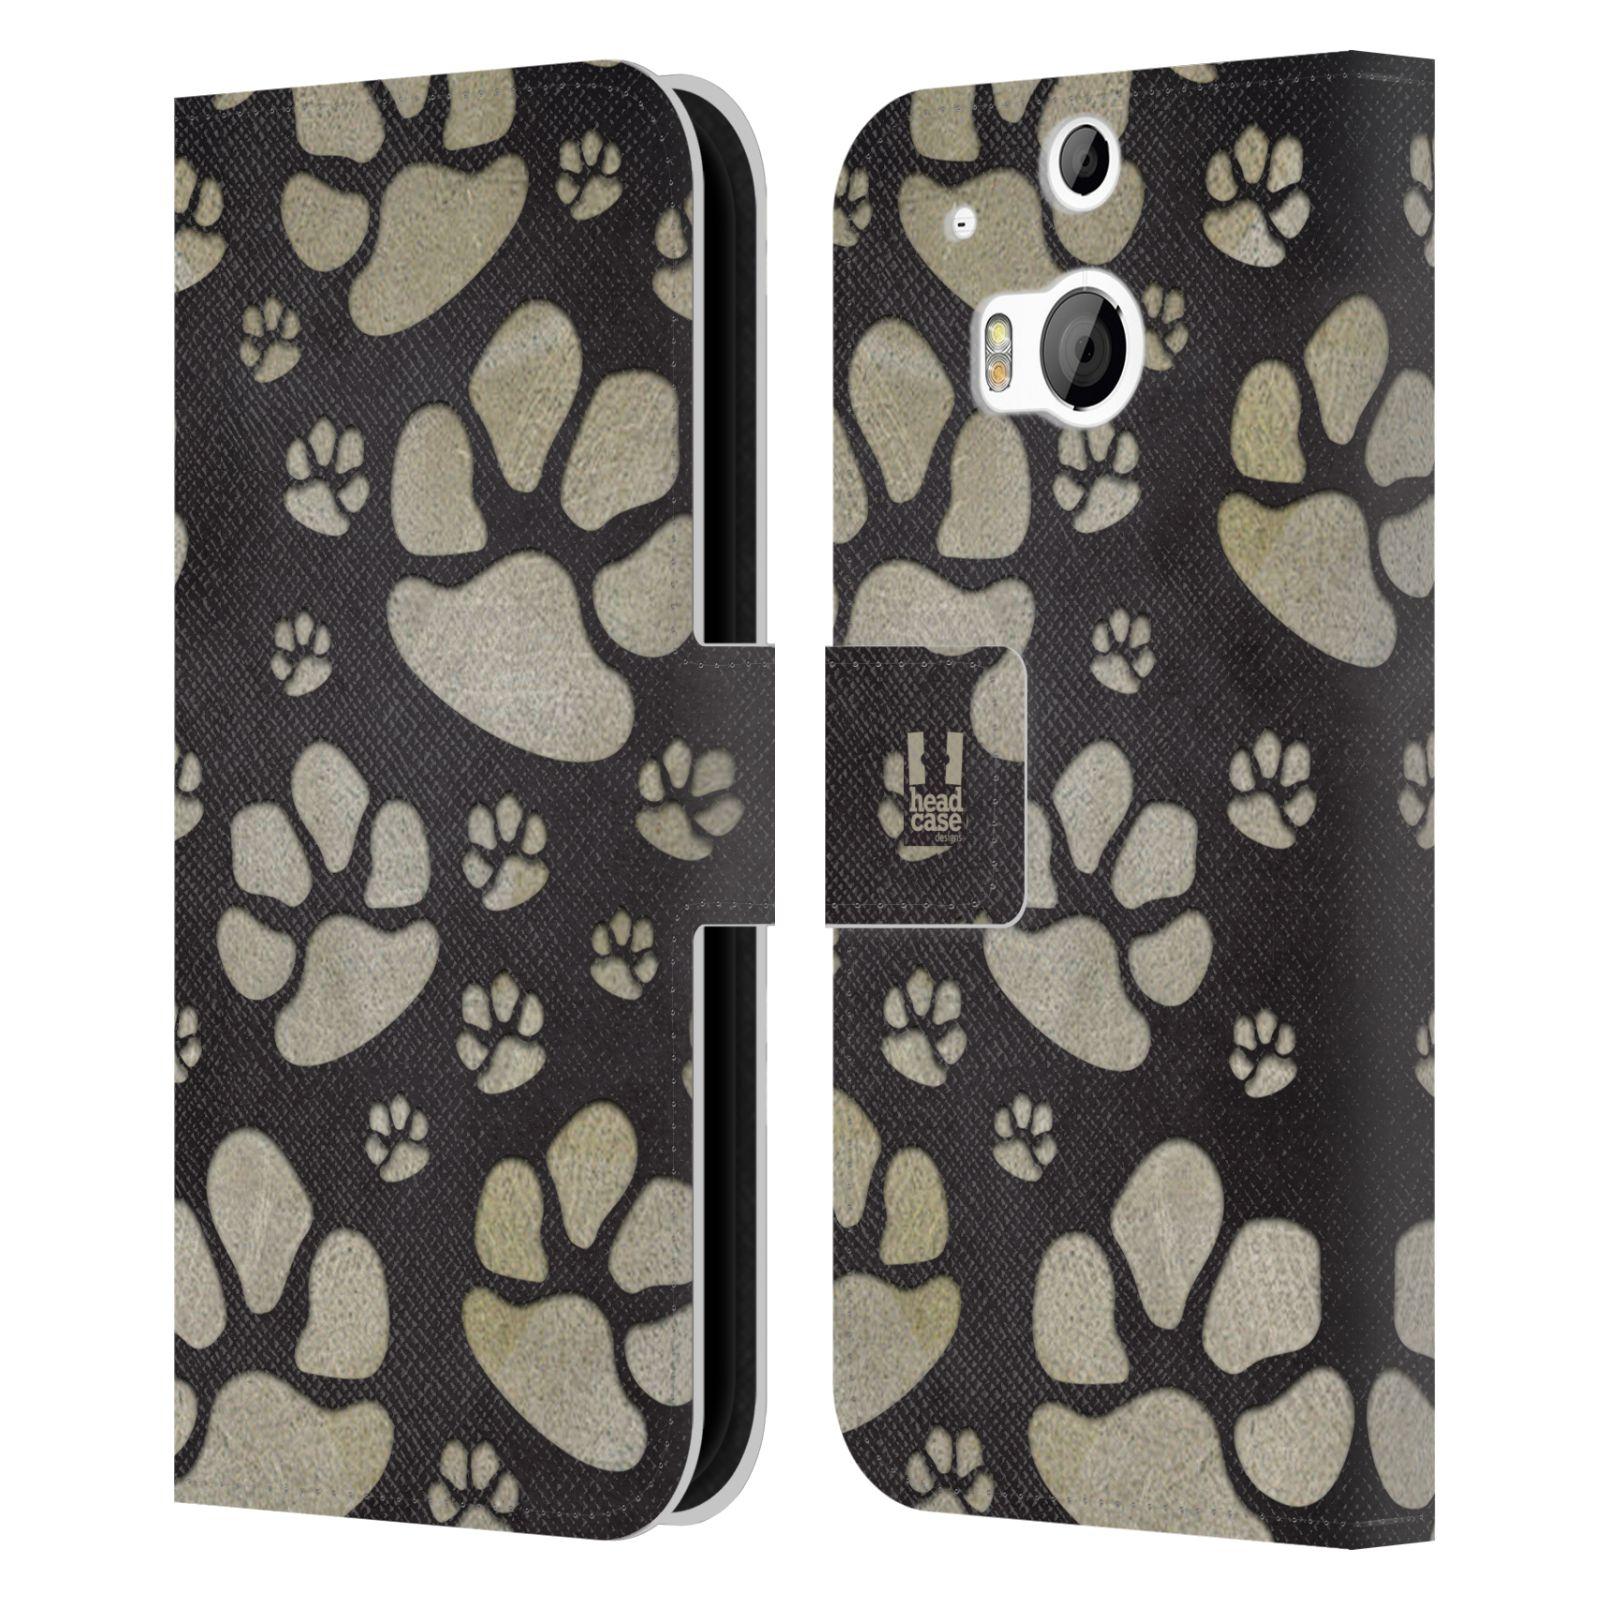 HEAD CASE Flipové pouzdro pro mobil HTC ONE (M8, M8s) Pejsek ťapky velké tmavá